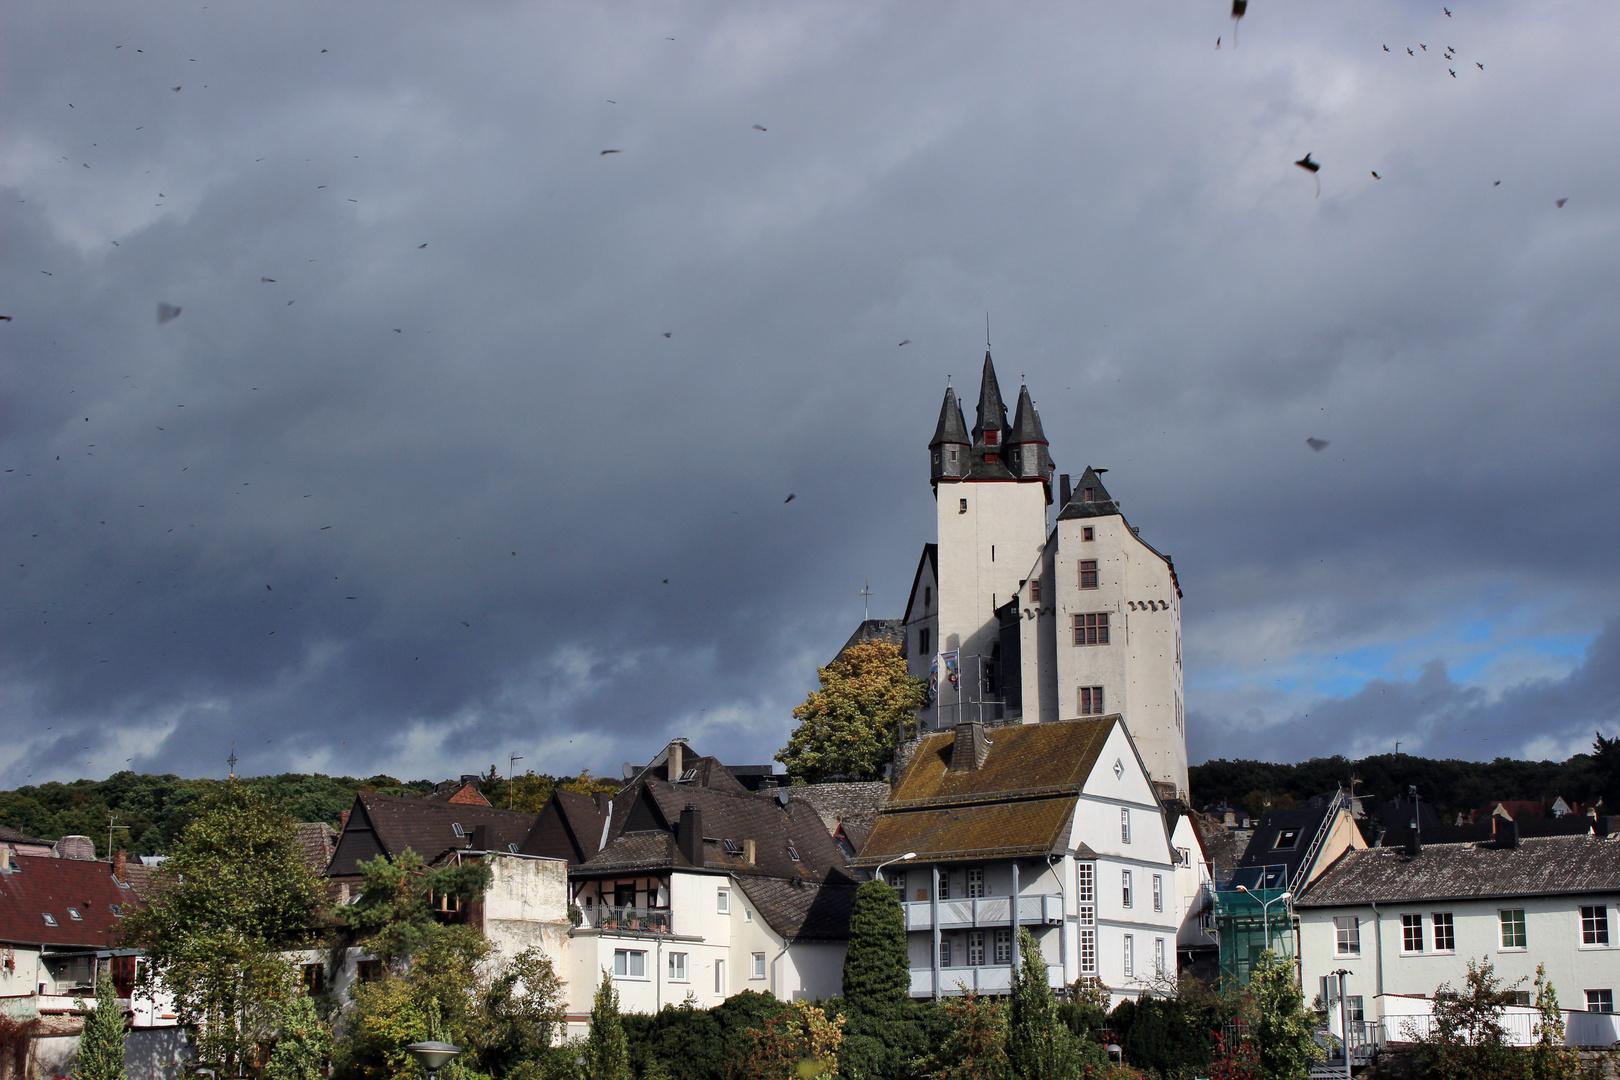 Herbststurm über dem Diezer Schloß